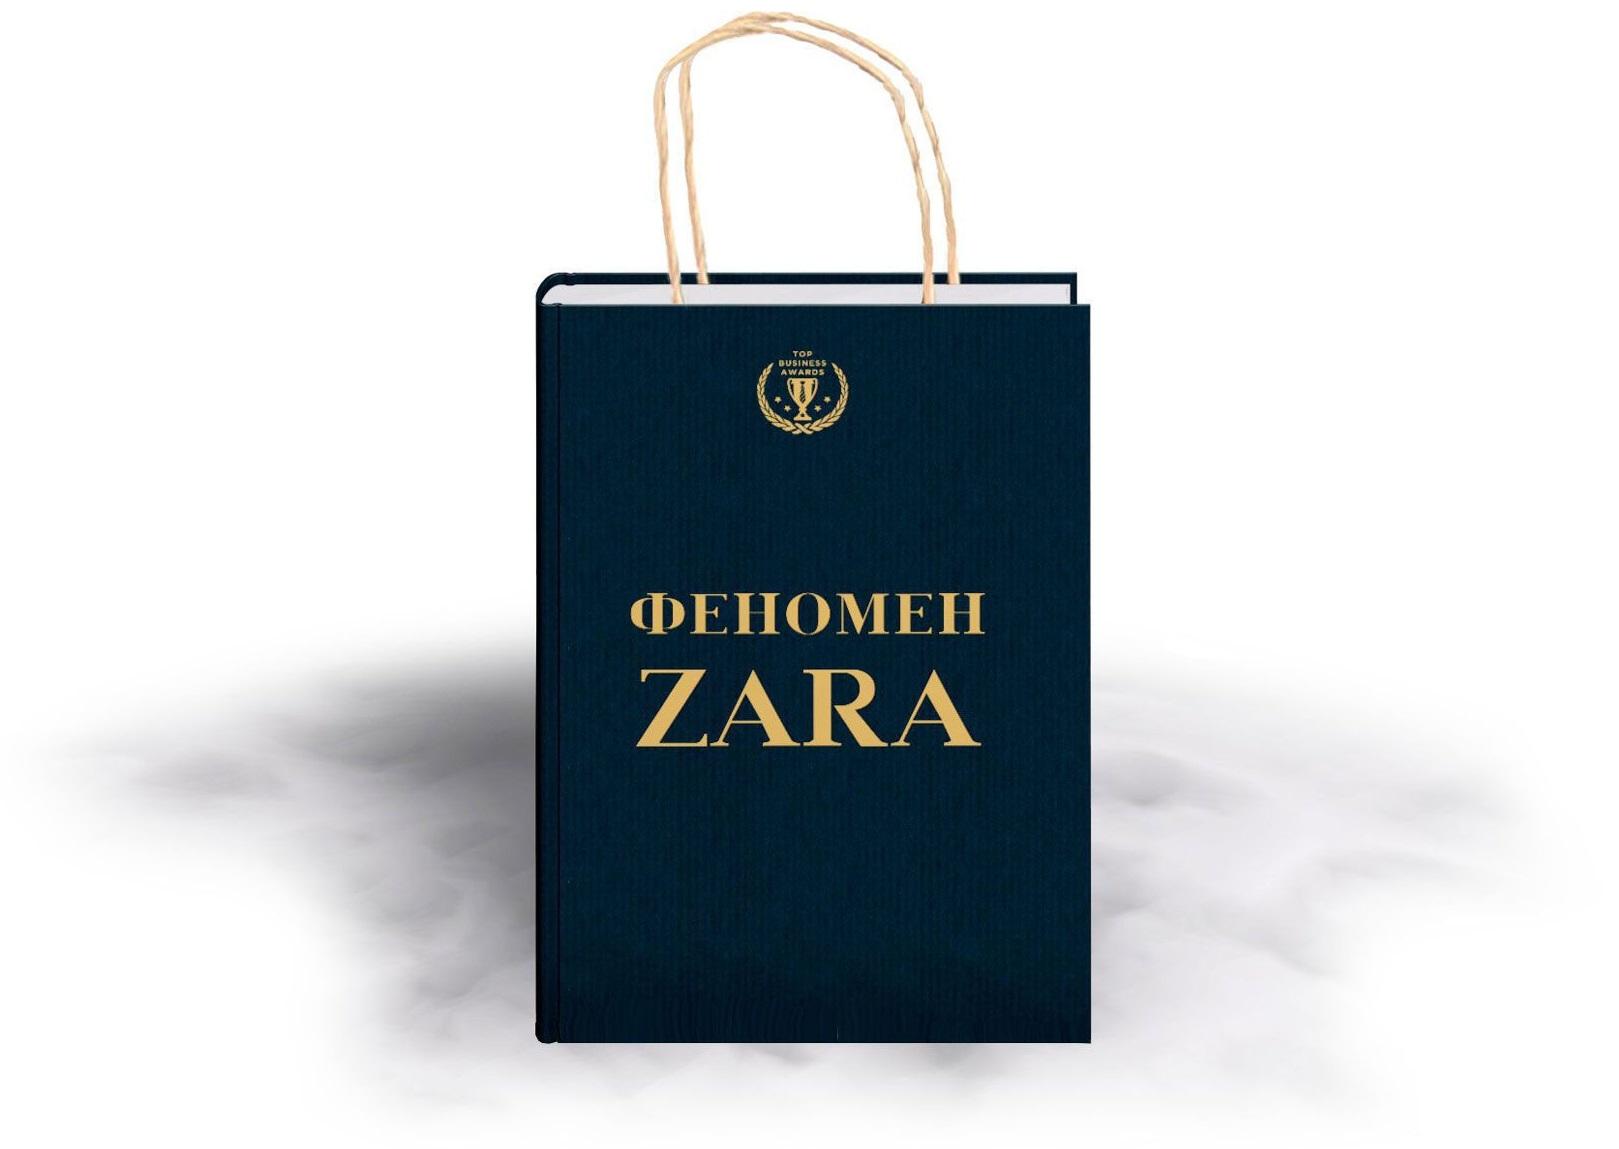 """Результат пошуку зображень за запитом """"Феномен Zara"""""""